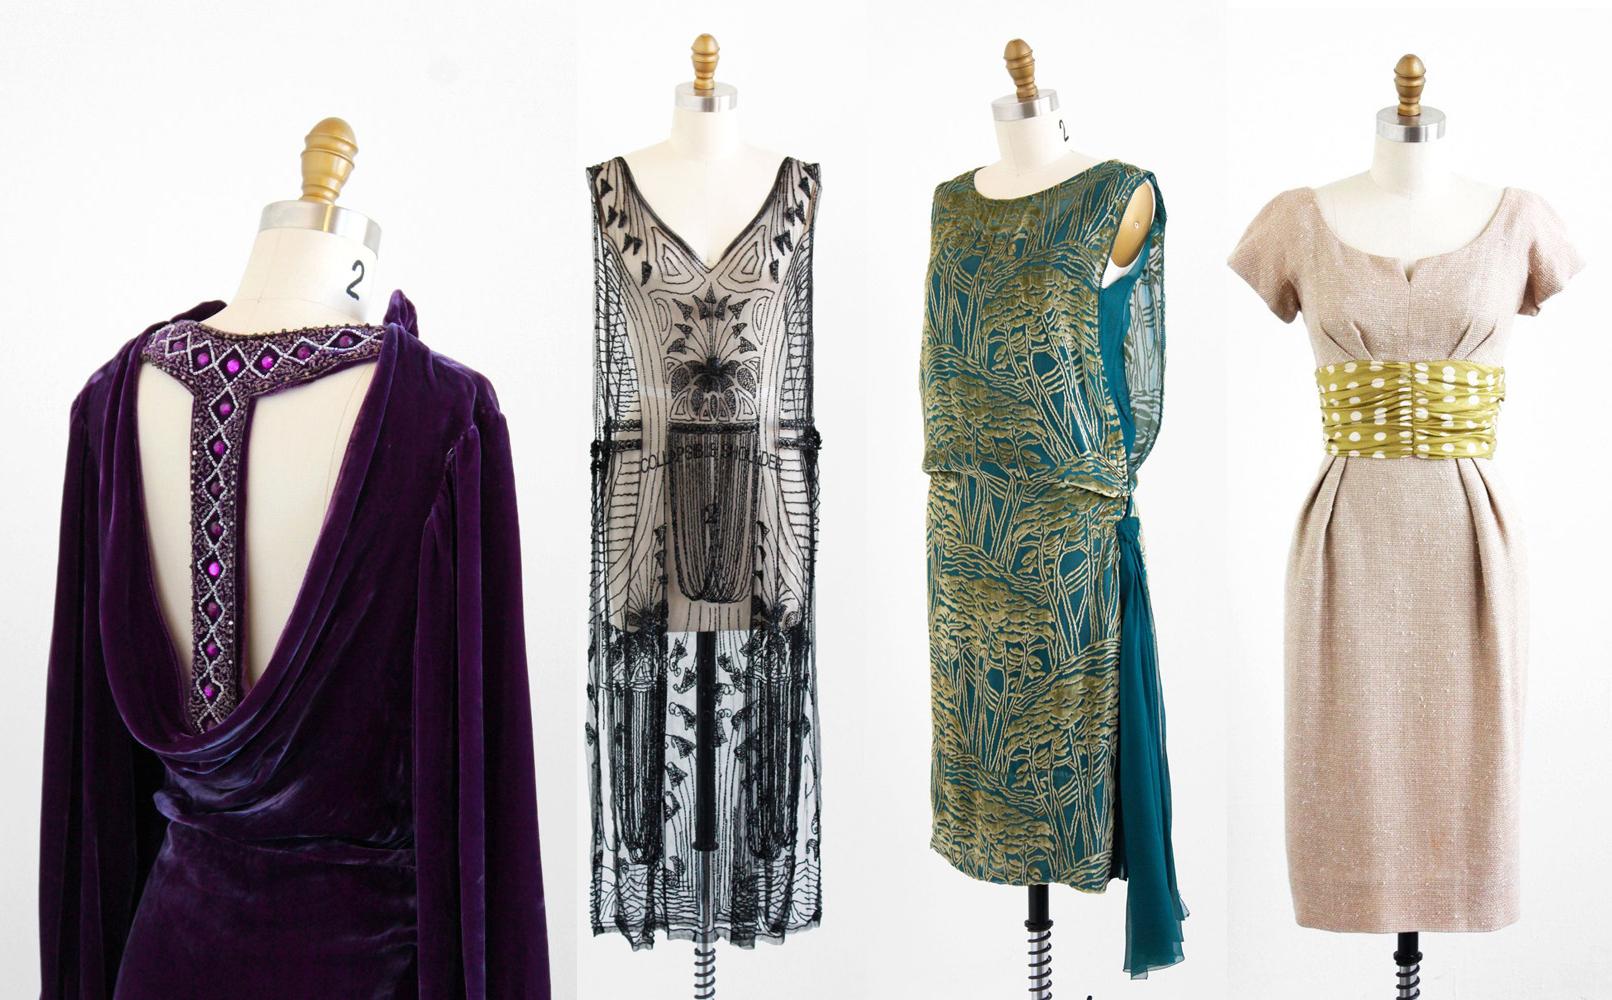 vintage clothing 2015-01-08-vintagelineup4.jpg PJVUKES